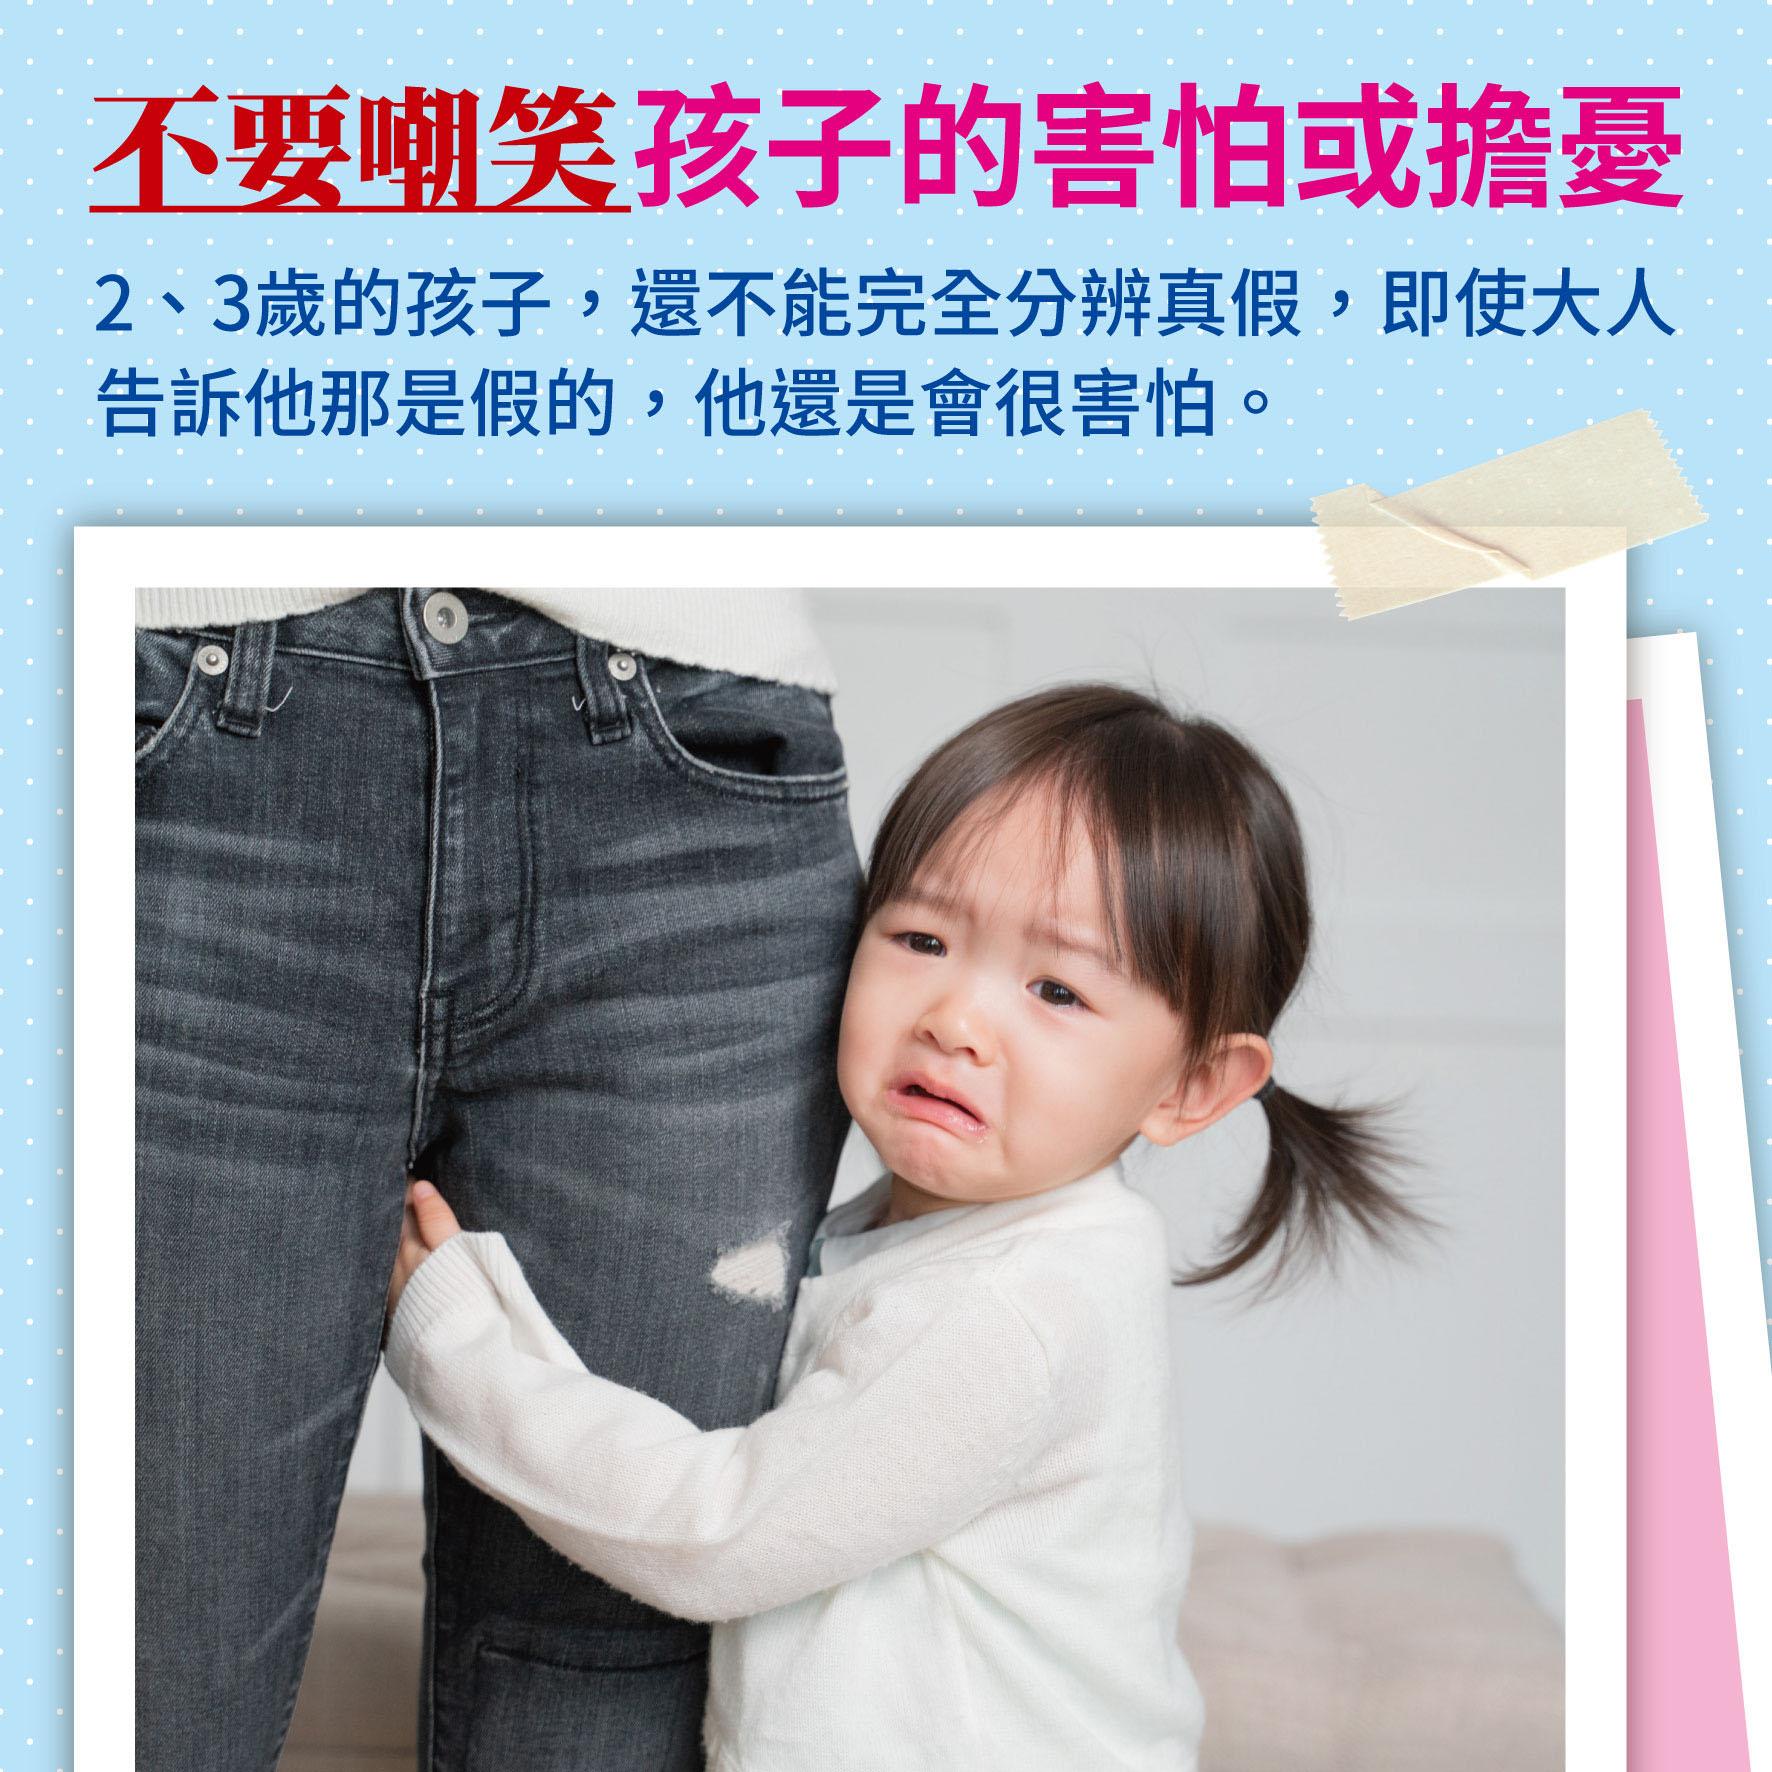 幼兒2歲(第44週)不要嘲笑孩子的害怕或擔憂